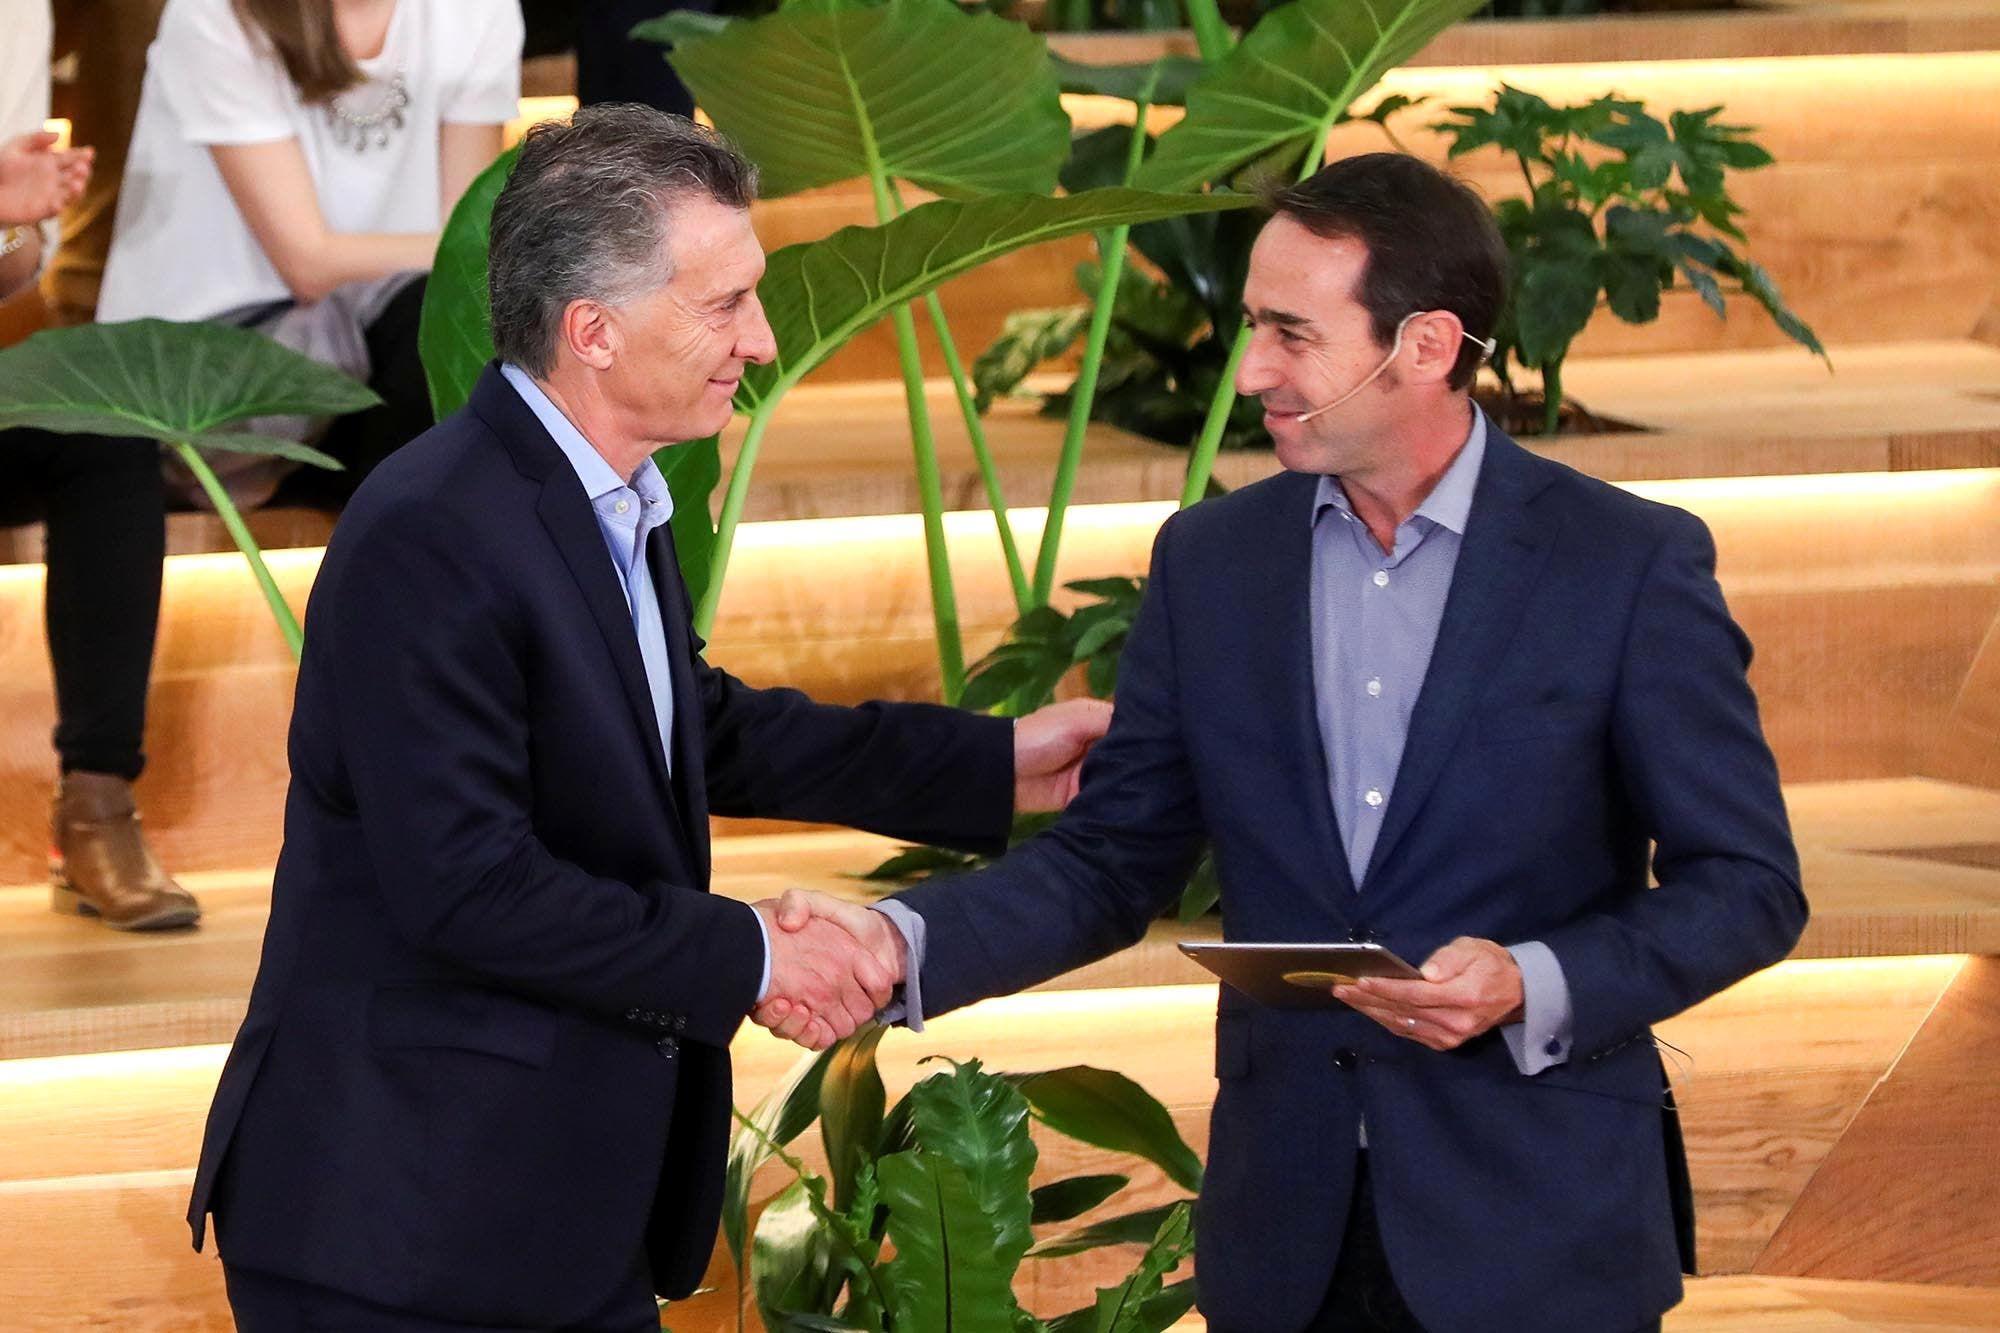 El CEO de Mercado Libre visitó a Alberto Fernández: Fue muy constructivo